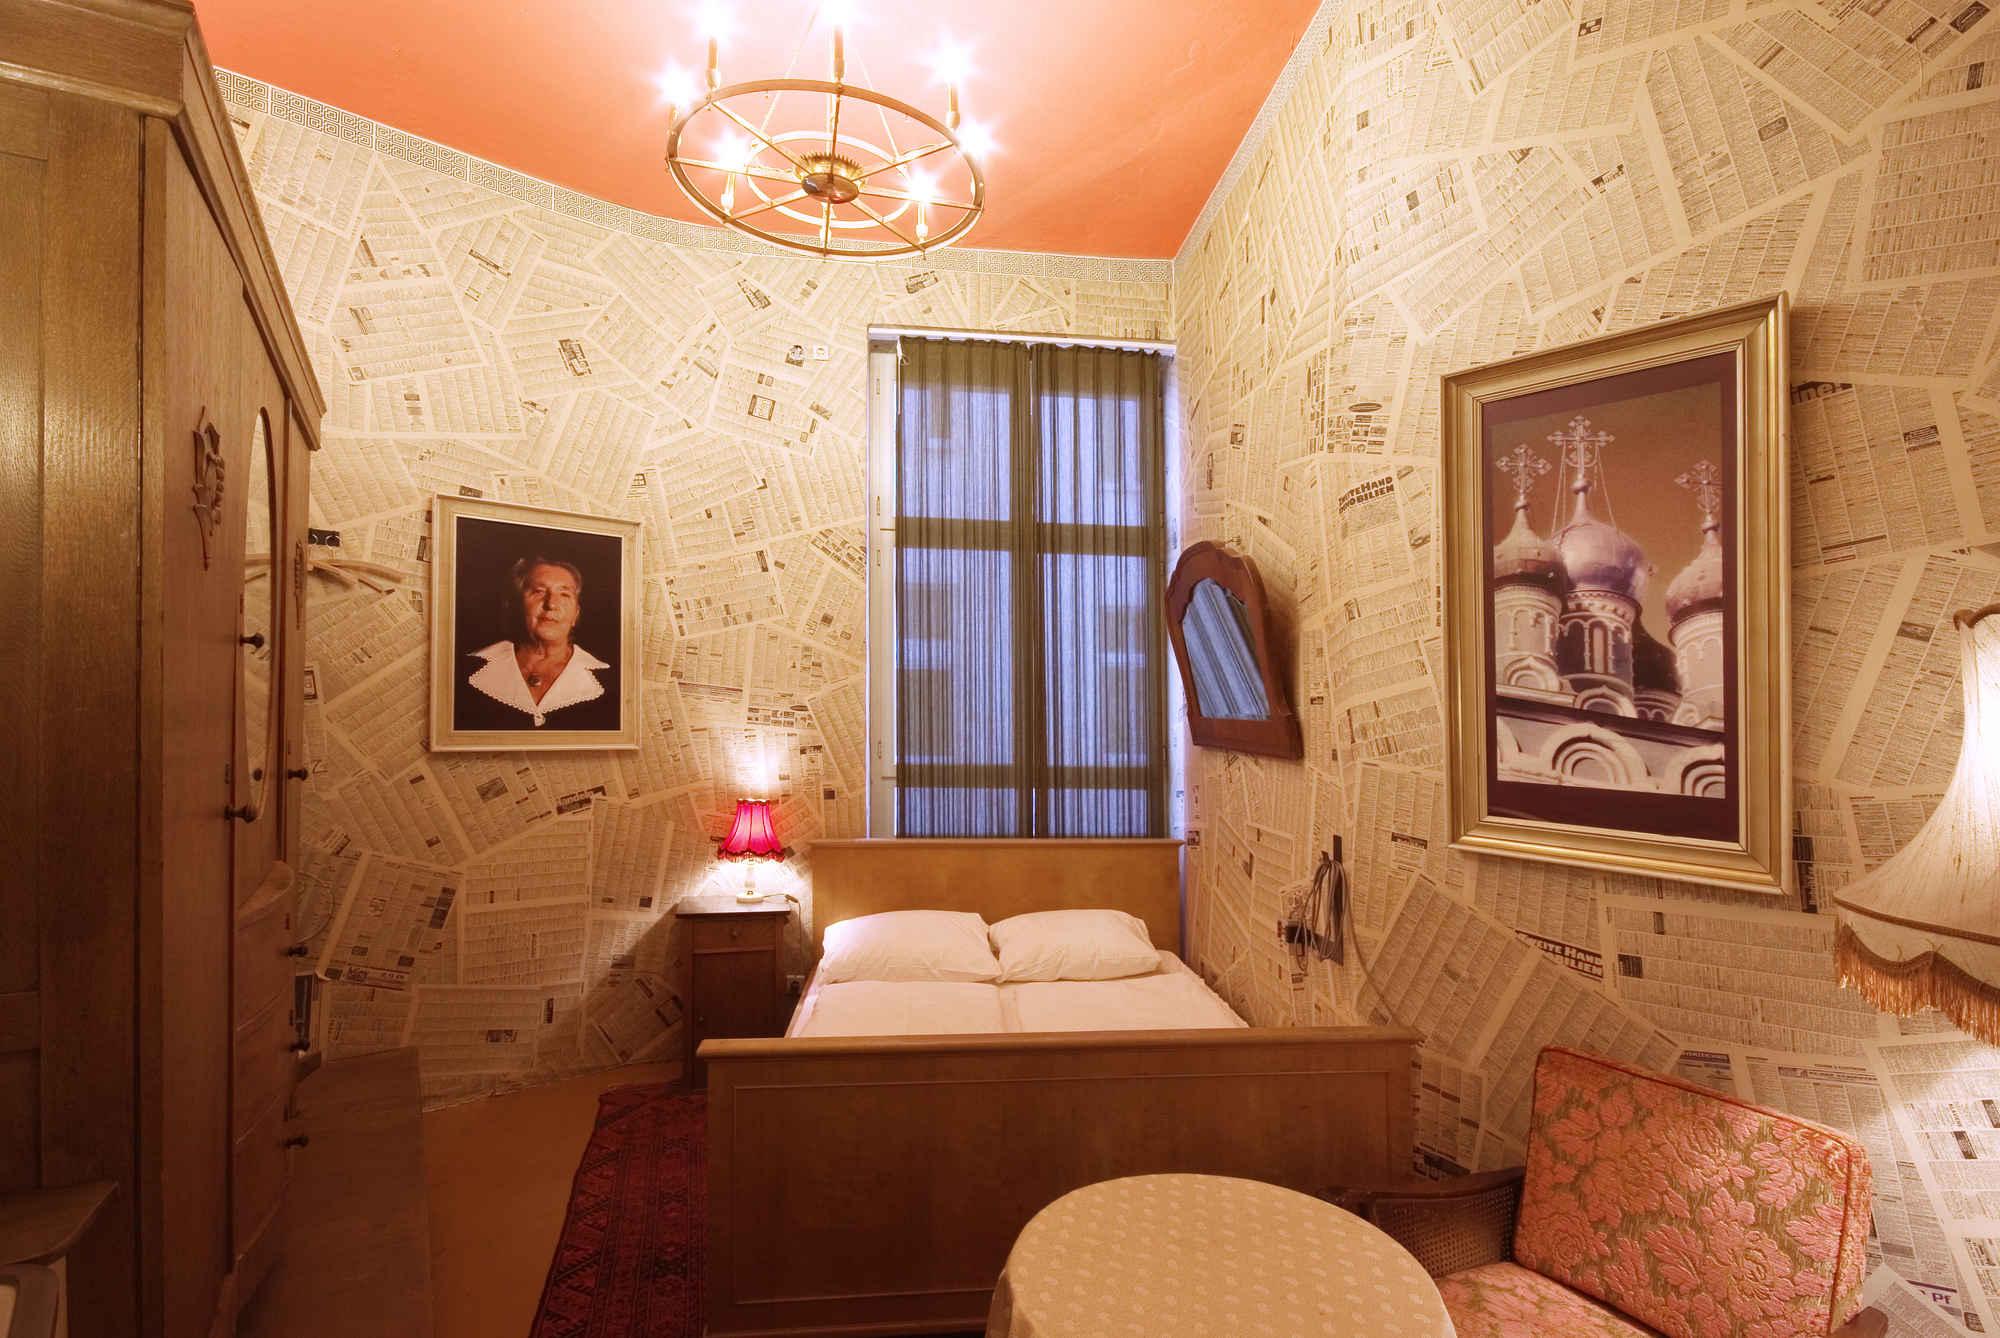 Hotel_berlin_3